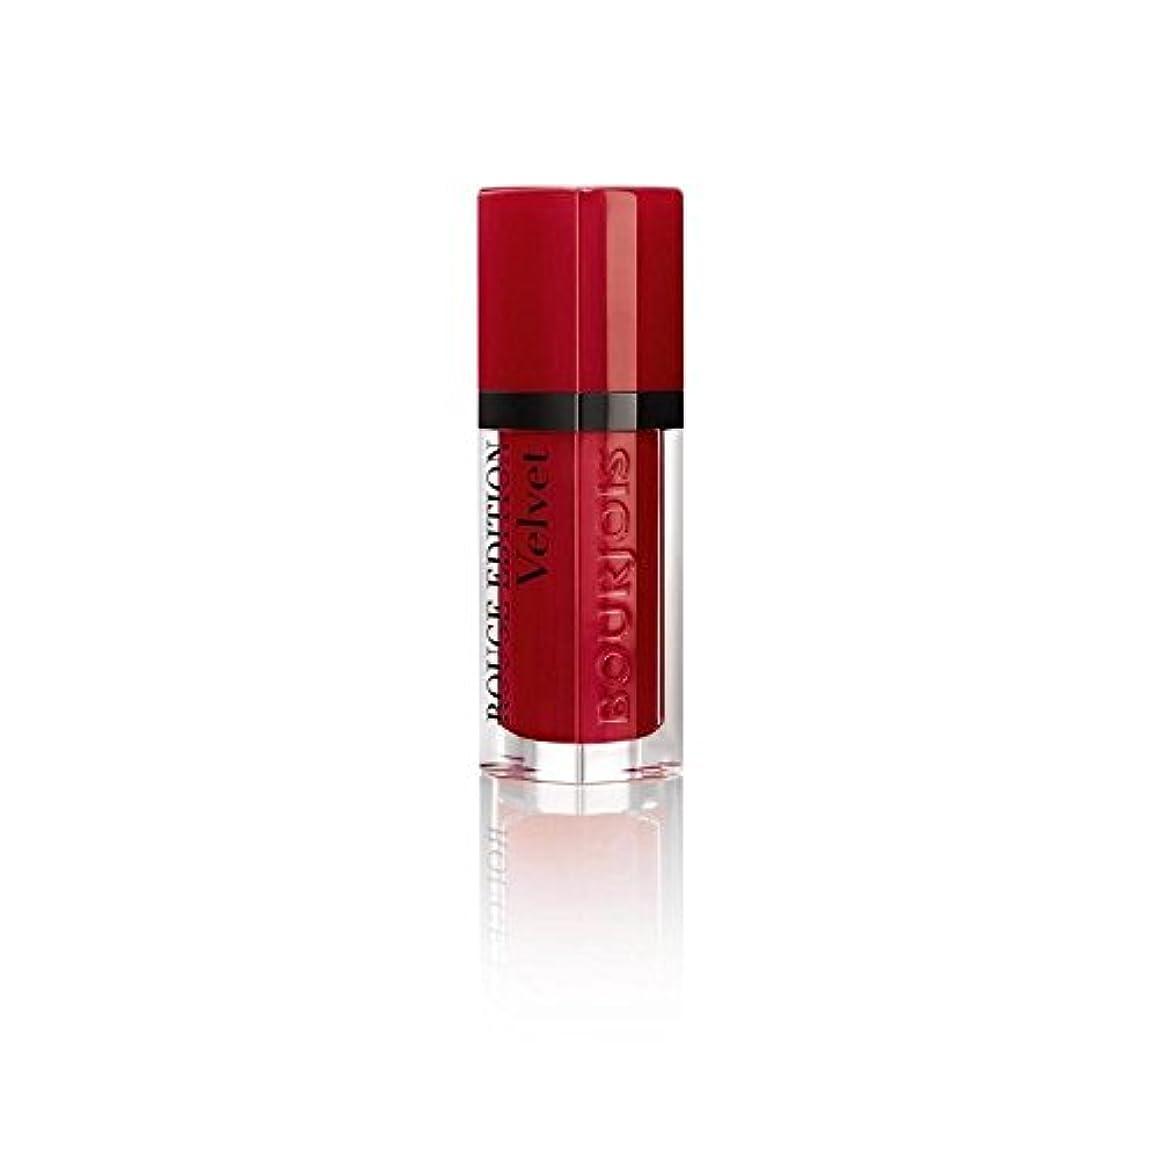 標高平等ドナールージュ版のベルベットの口紅、赤い旋回運動の8ミリリットル (Bourjois) - Bourjois Rouge Edition Velvet Lipstick, Red Volution 8ml [並行輸入品]